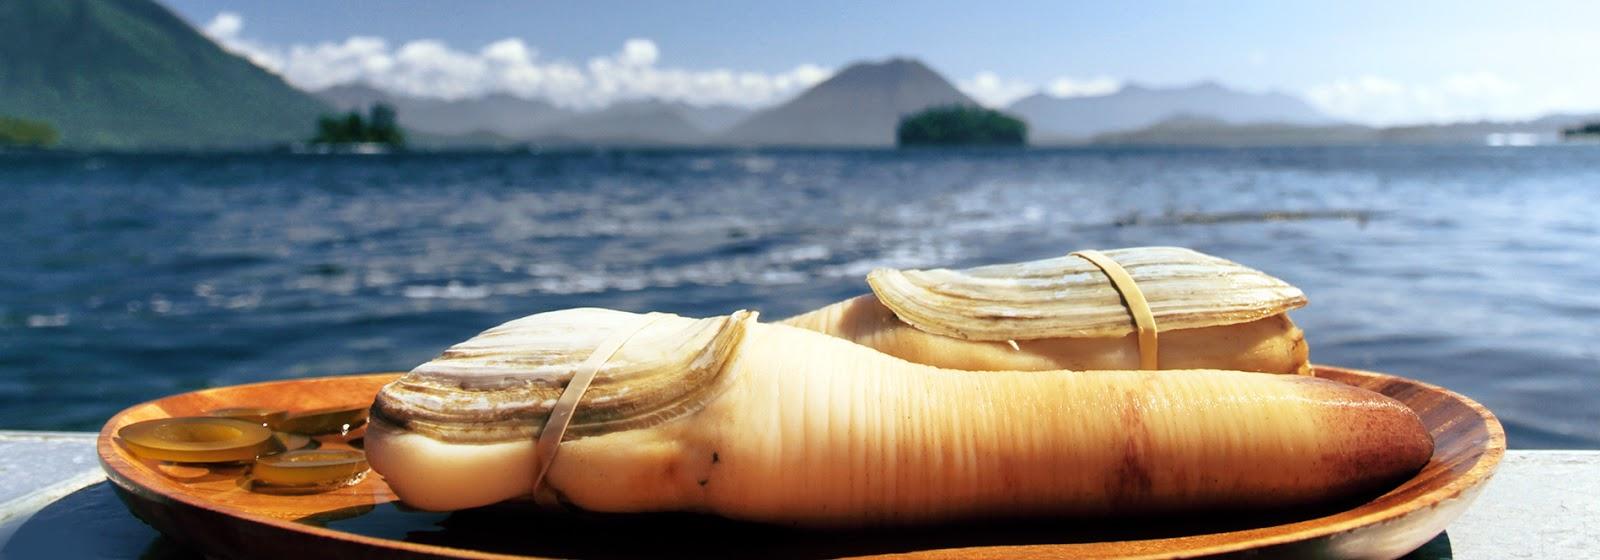 Ốc vòi voi - Món ăn mang hàm lượng lớn protein